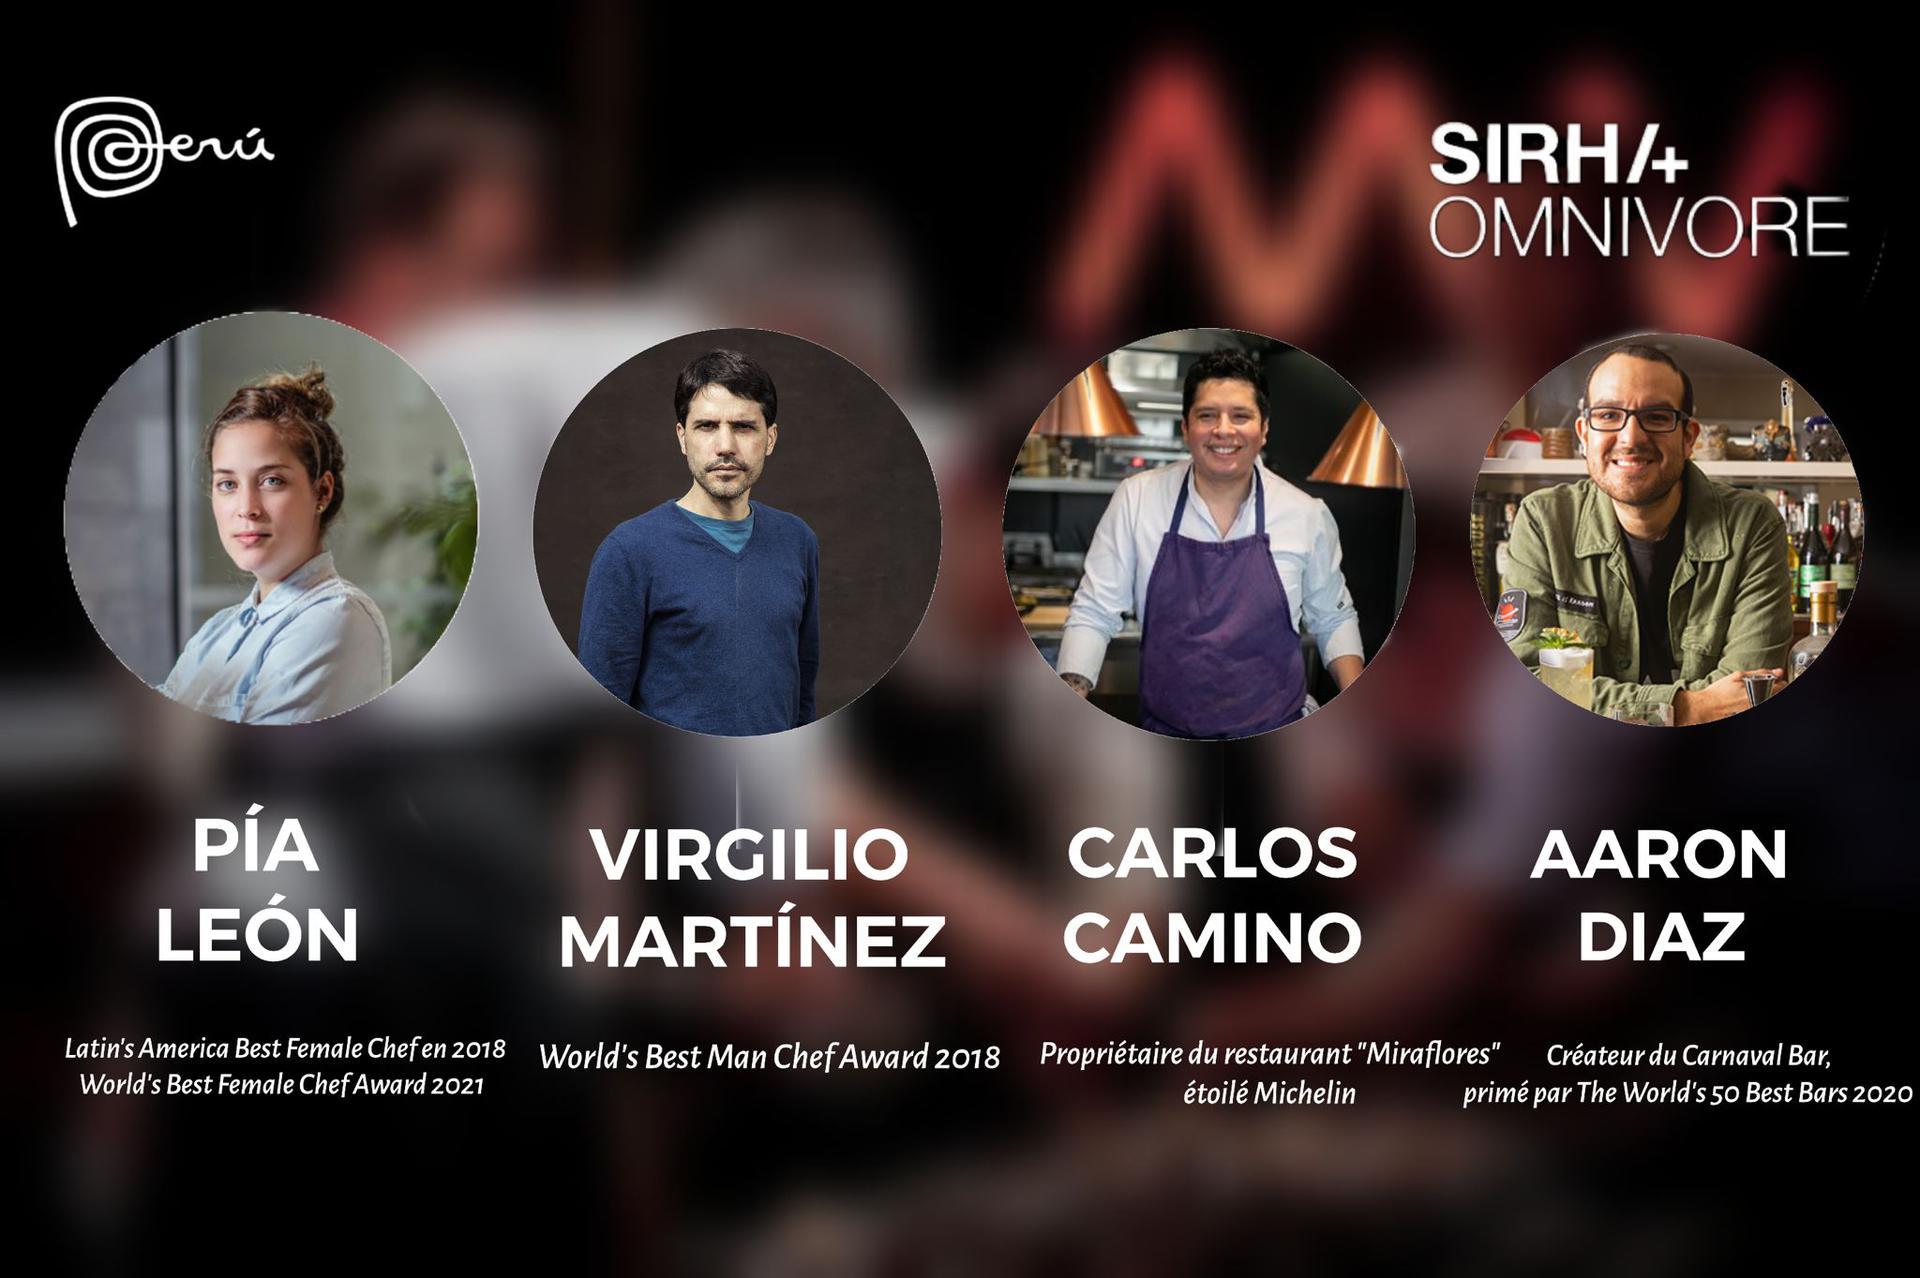 Le Pérou, l'autre pays de la gastronomie 0_IMG-20210830-WA0043